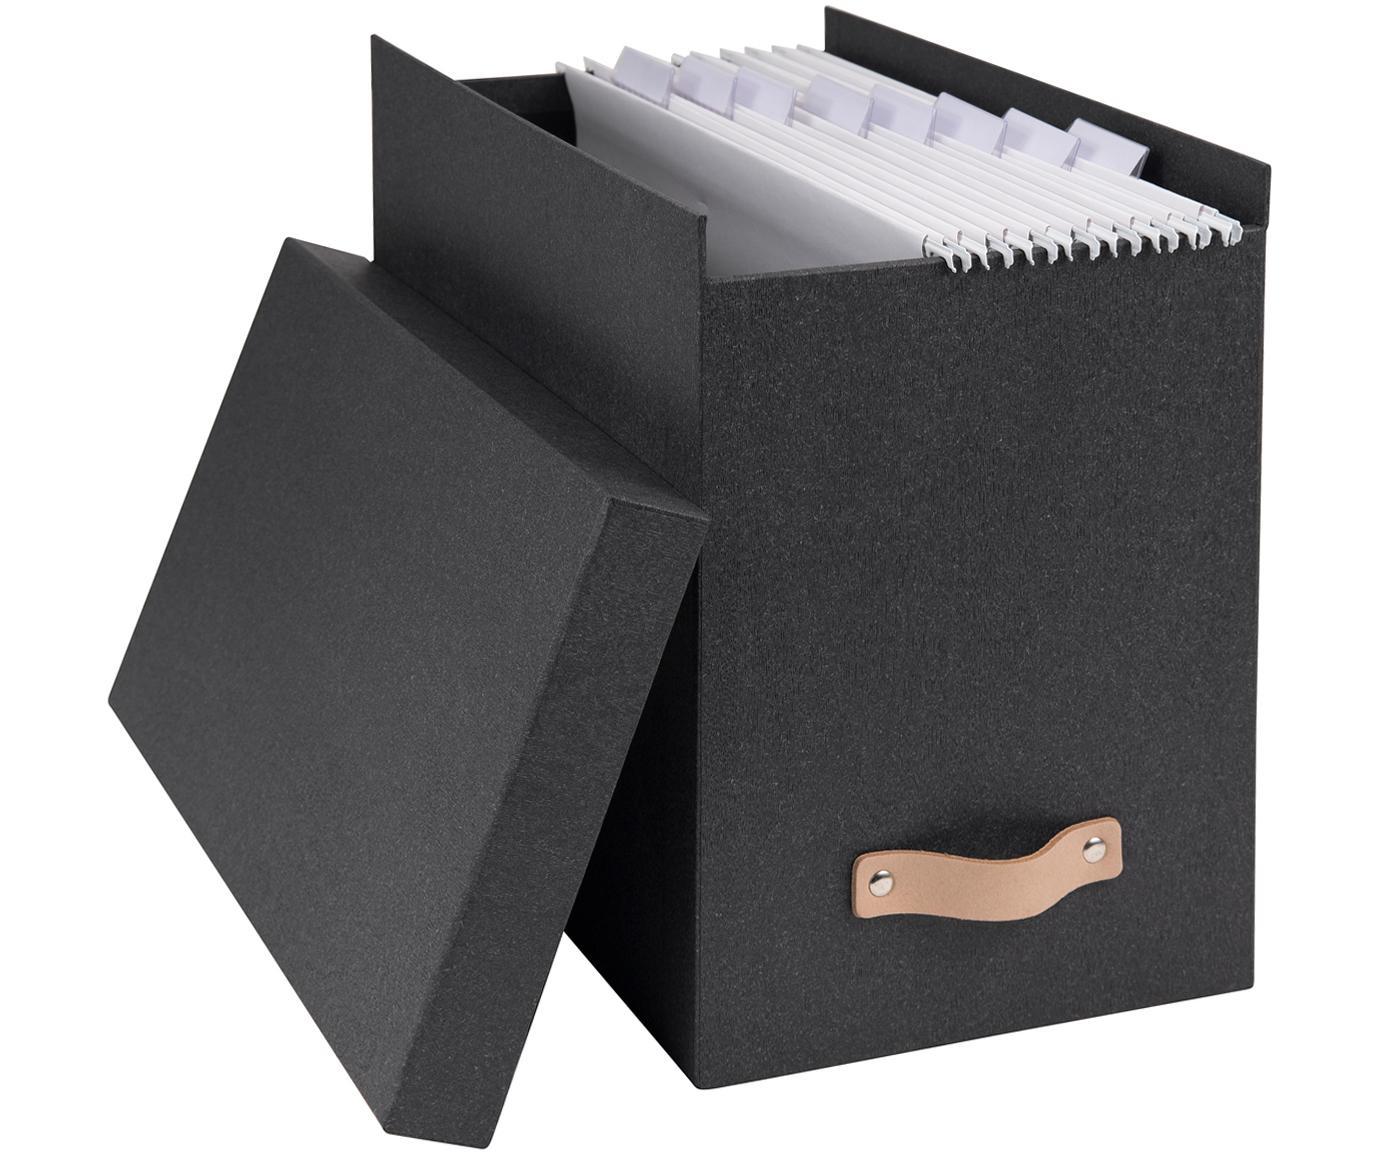 Archiefdoos doos Johan II, 9-delig., Organizer: massief karton, met houtd, Organizer buitenzijde: zwart. Organizer binnenzijde: zwart. Handvat: beige, 19 x 27 cm